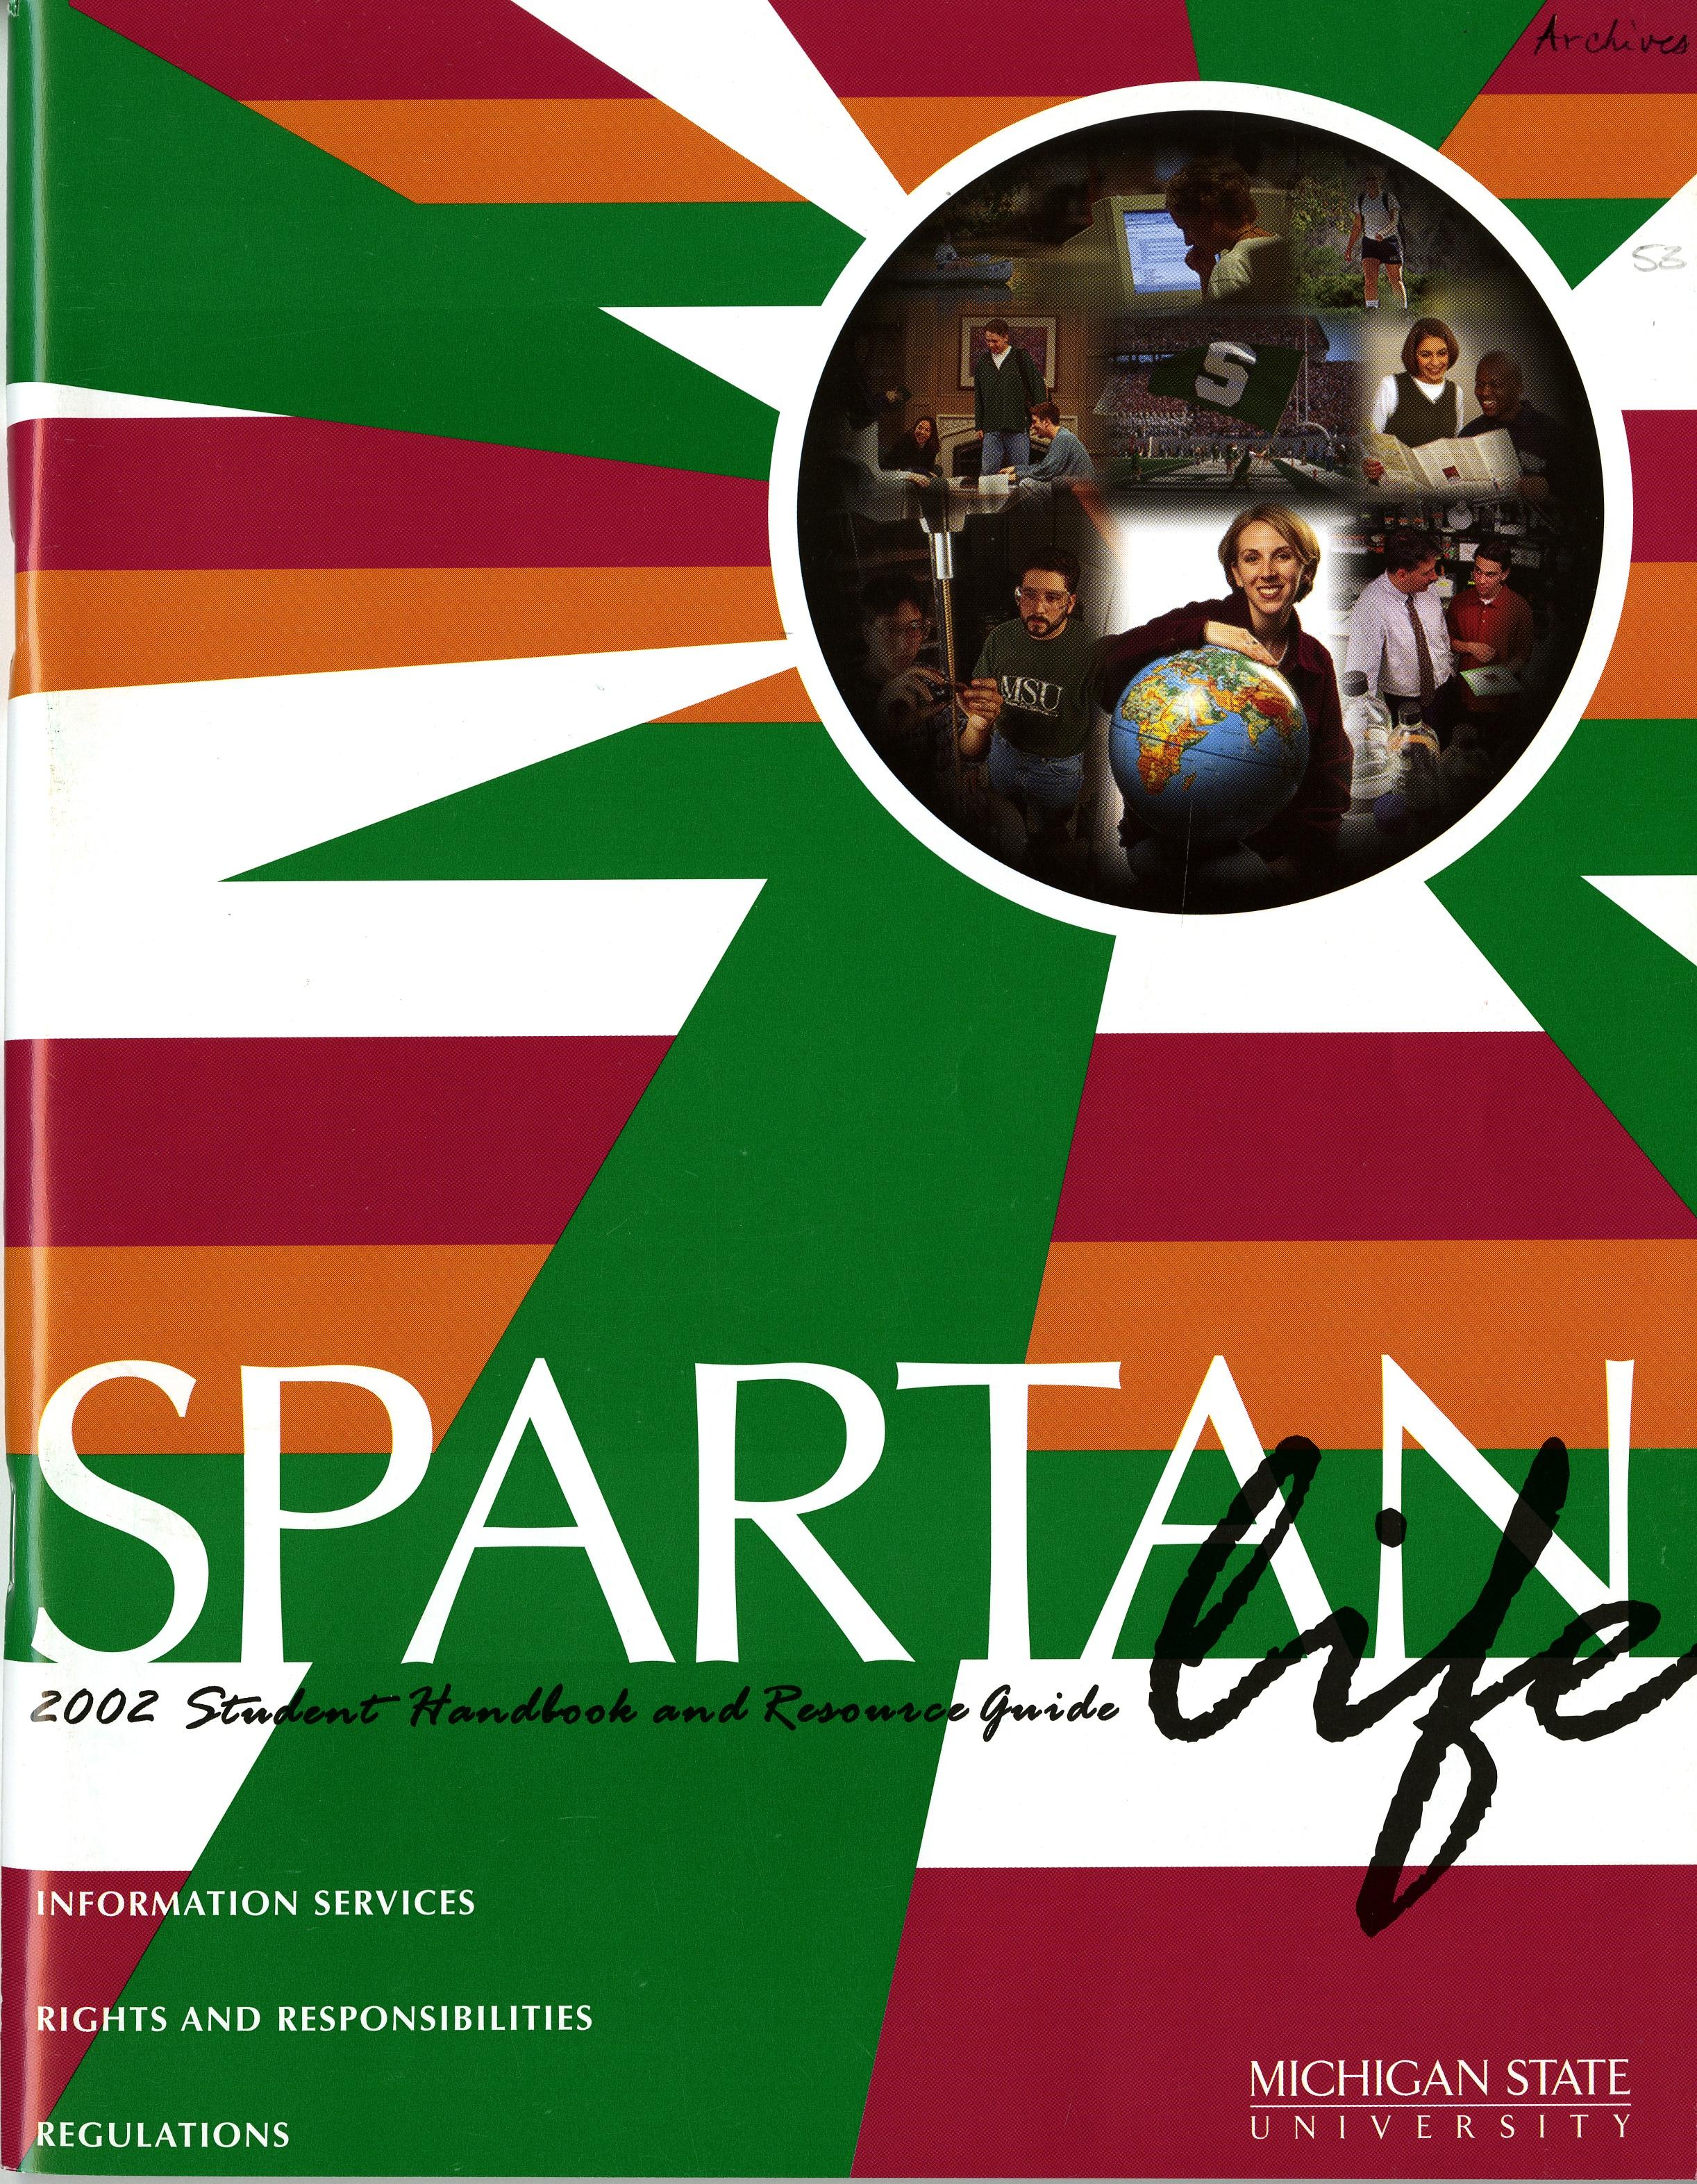 Student Handbook, 2002